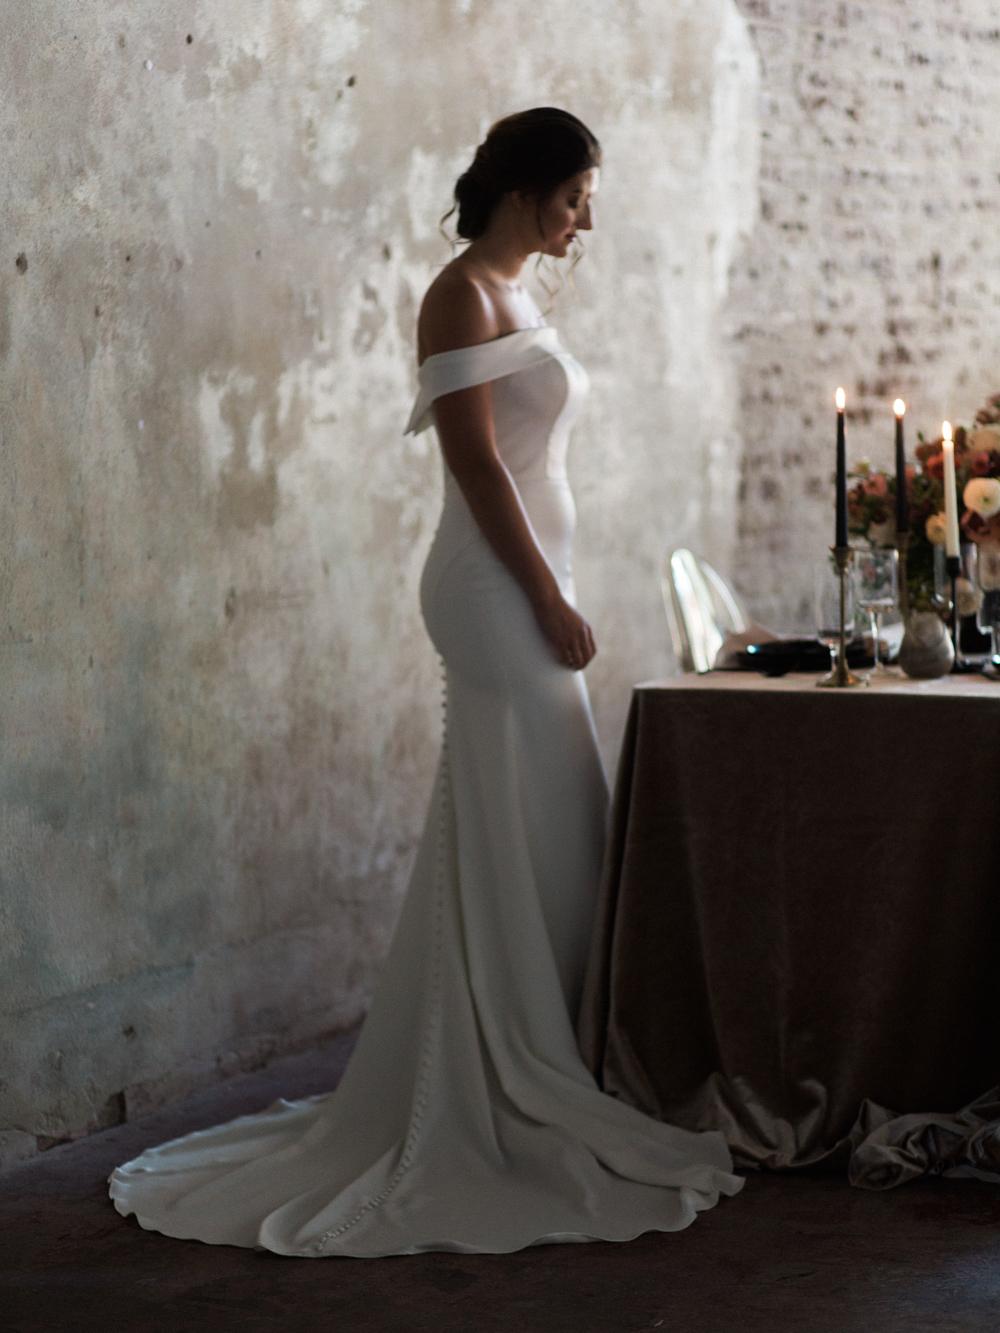 Houston wedding planner Water to Wine - edgy wedding - Christine Gosch film wedding photographer-3.jpg